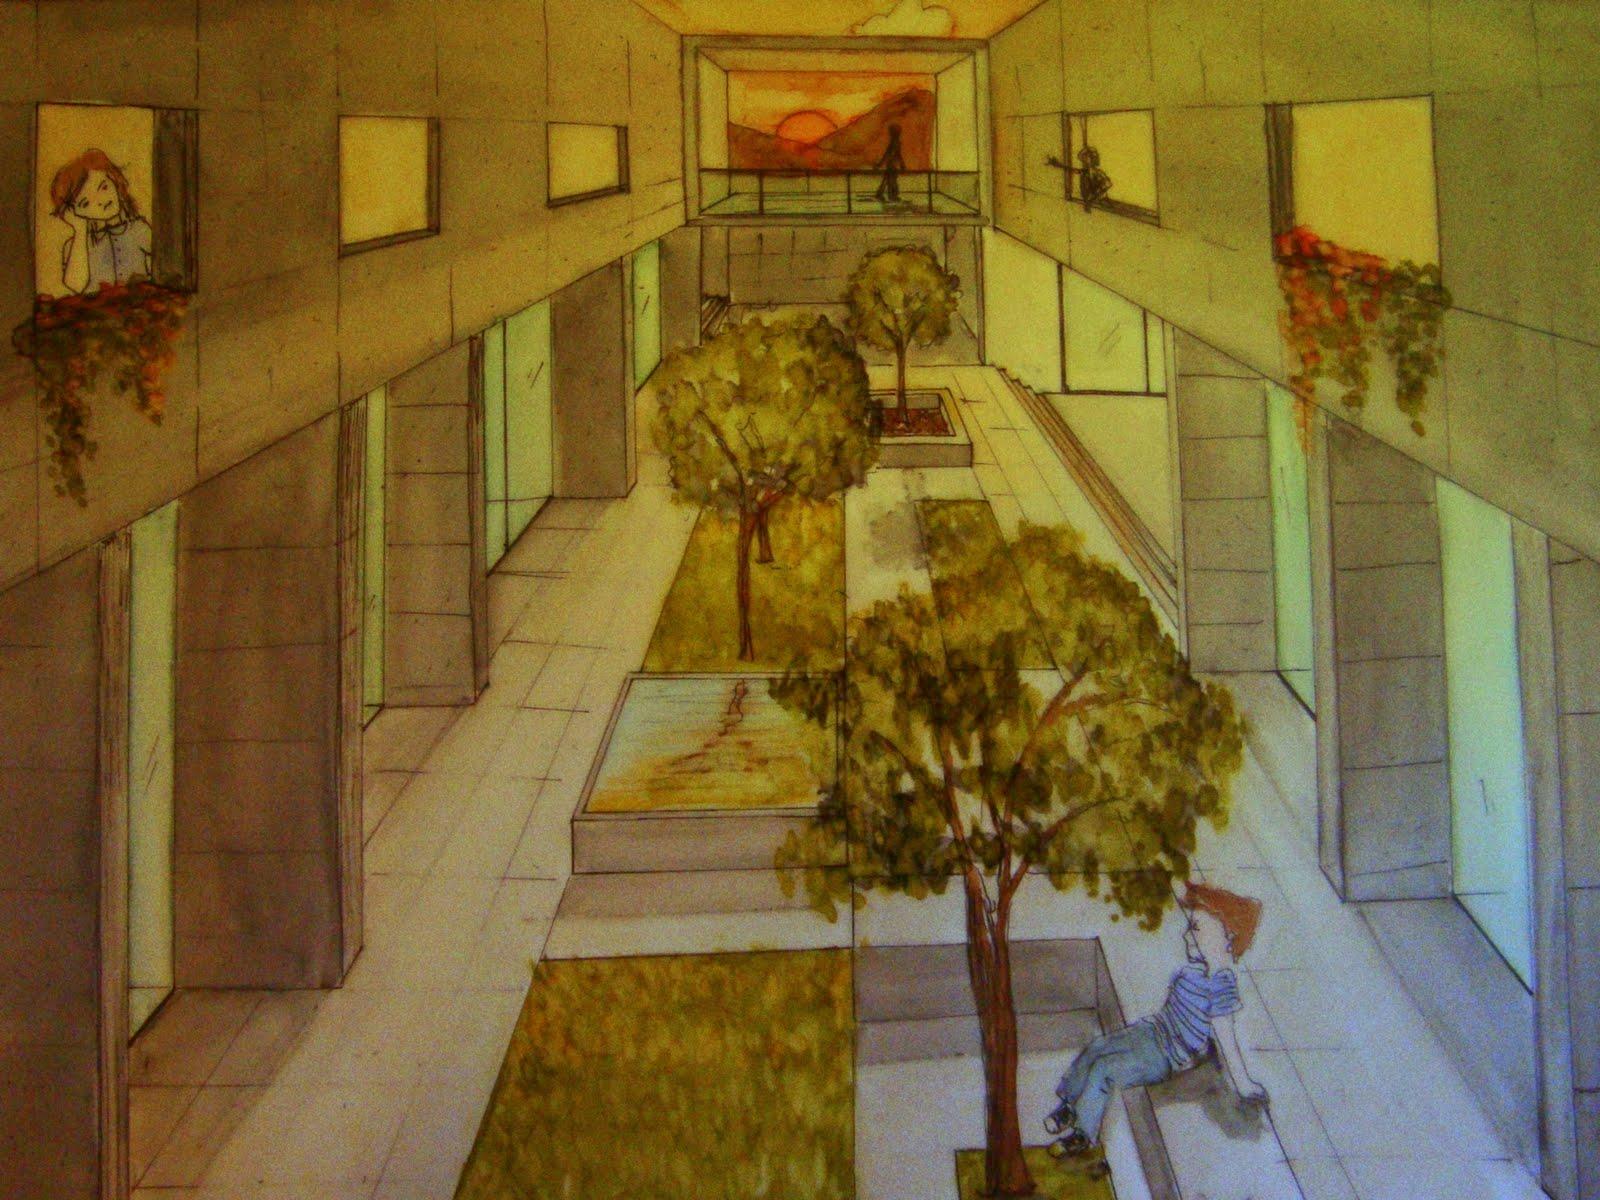 Dise o arquitect nico ii oto o 2010 iteso proyecto for Villas terranova tlajomulco